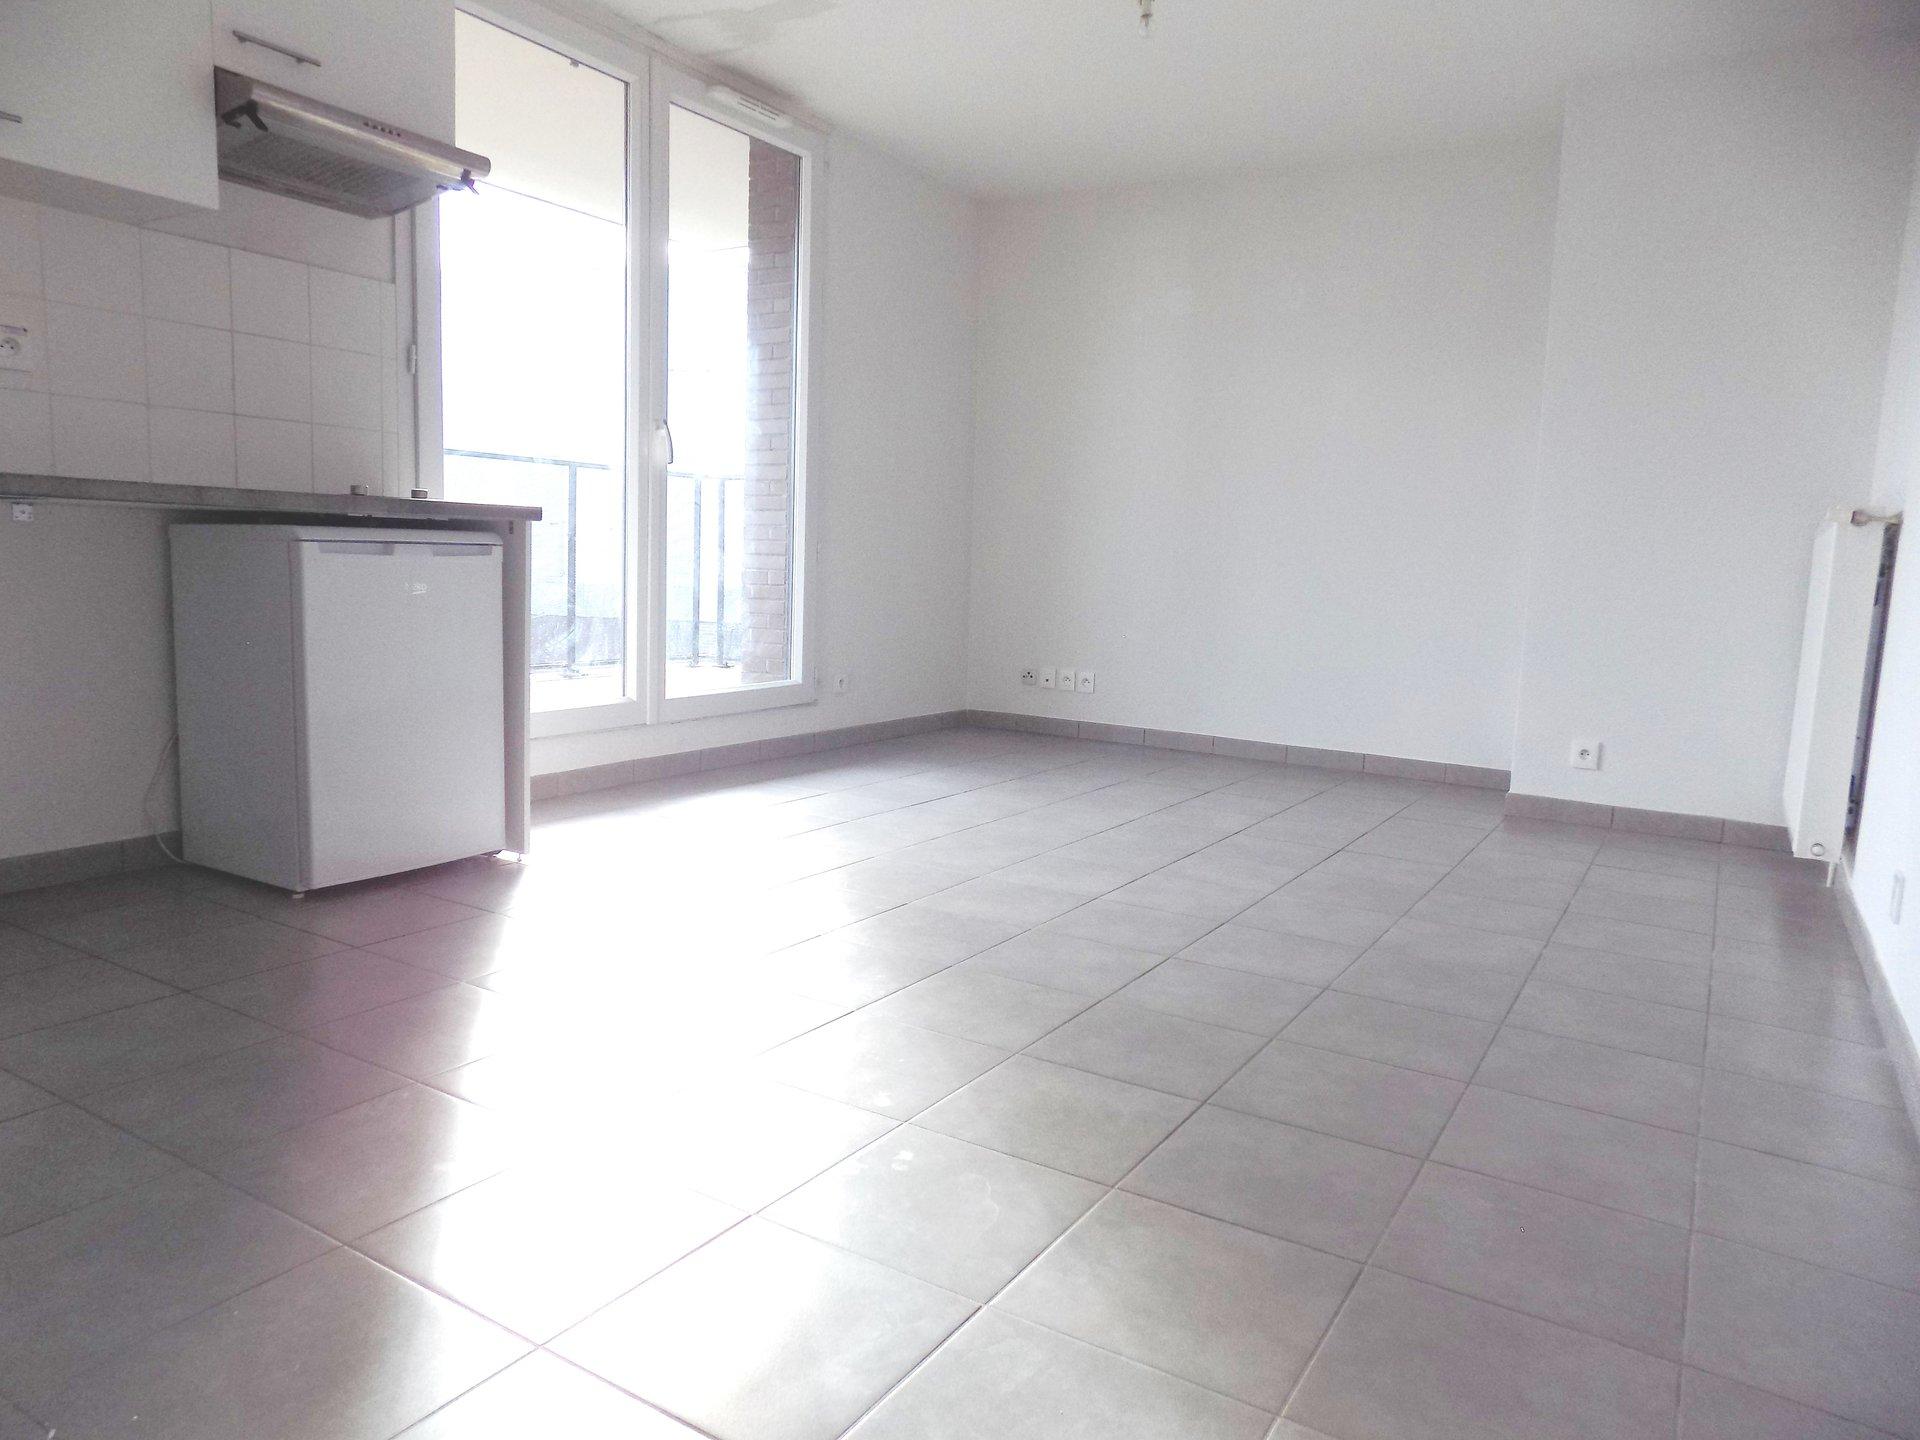 Appartement T2 - 38 m² - BLAGNAC